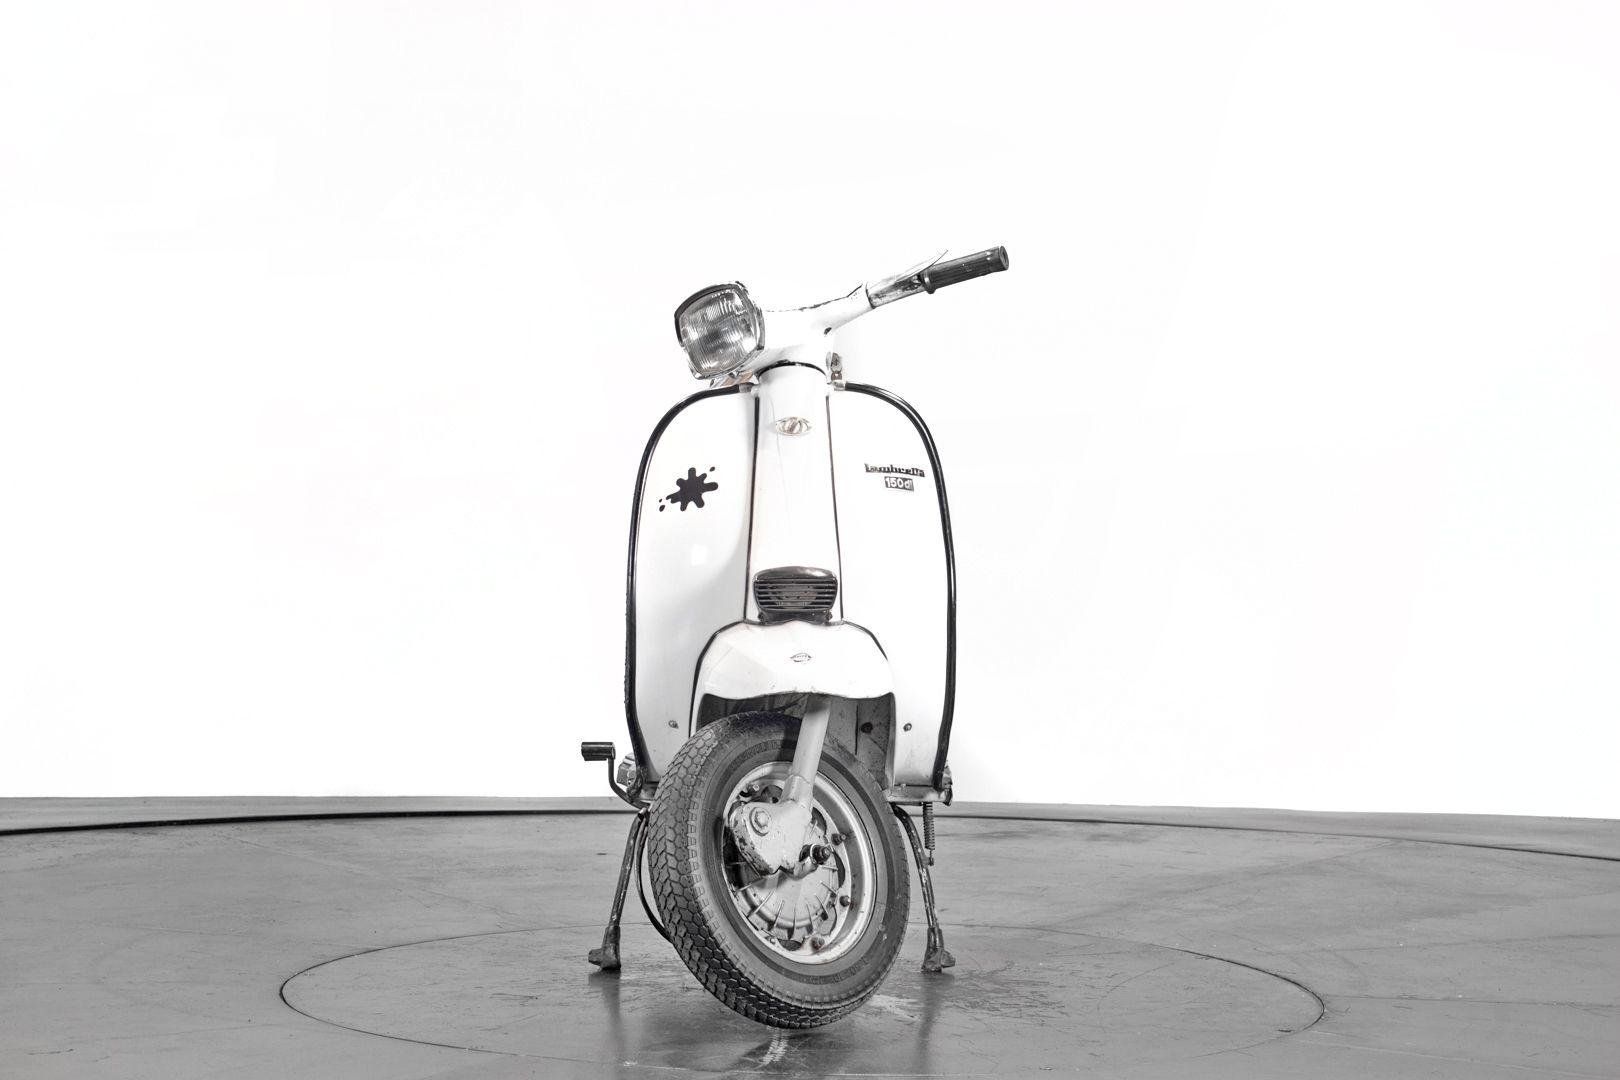 1970 Innocenti Lambretta 150 DL 38648